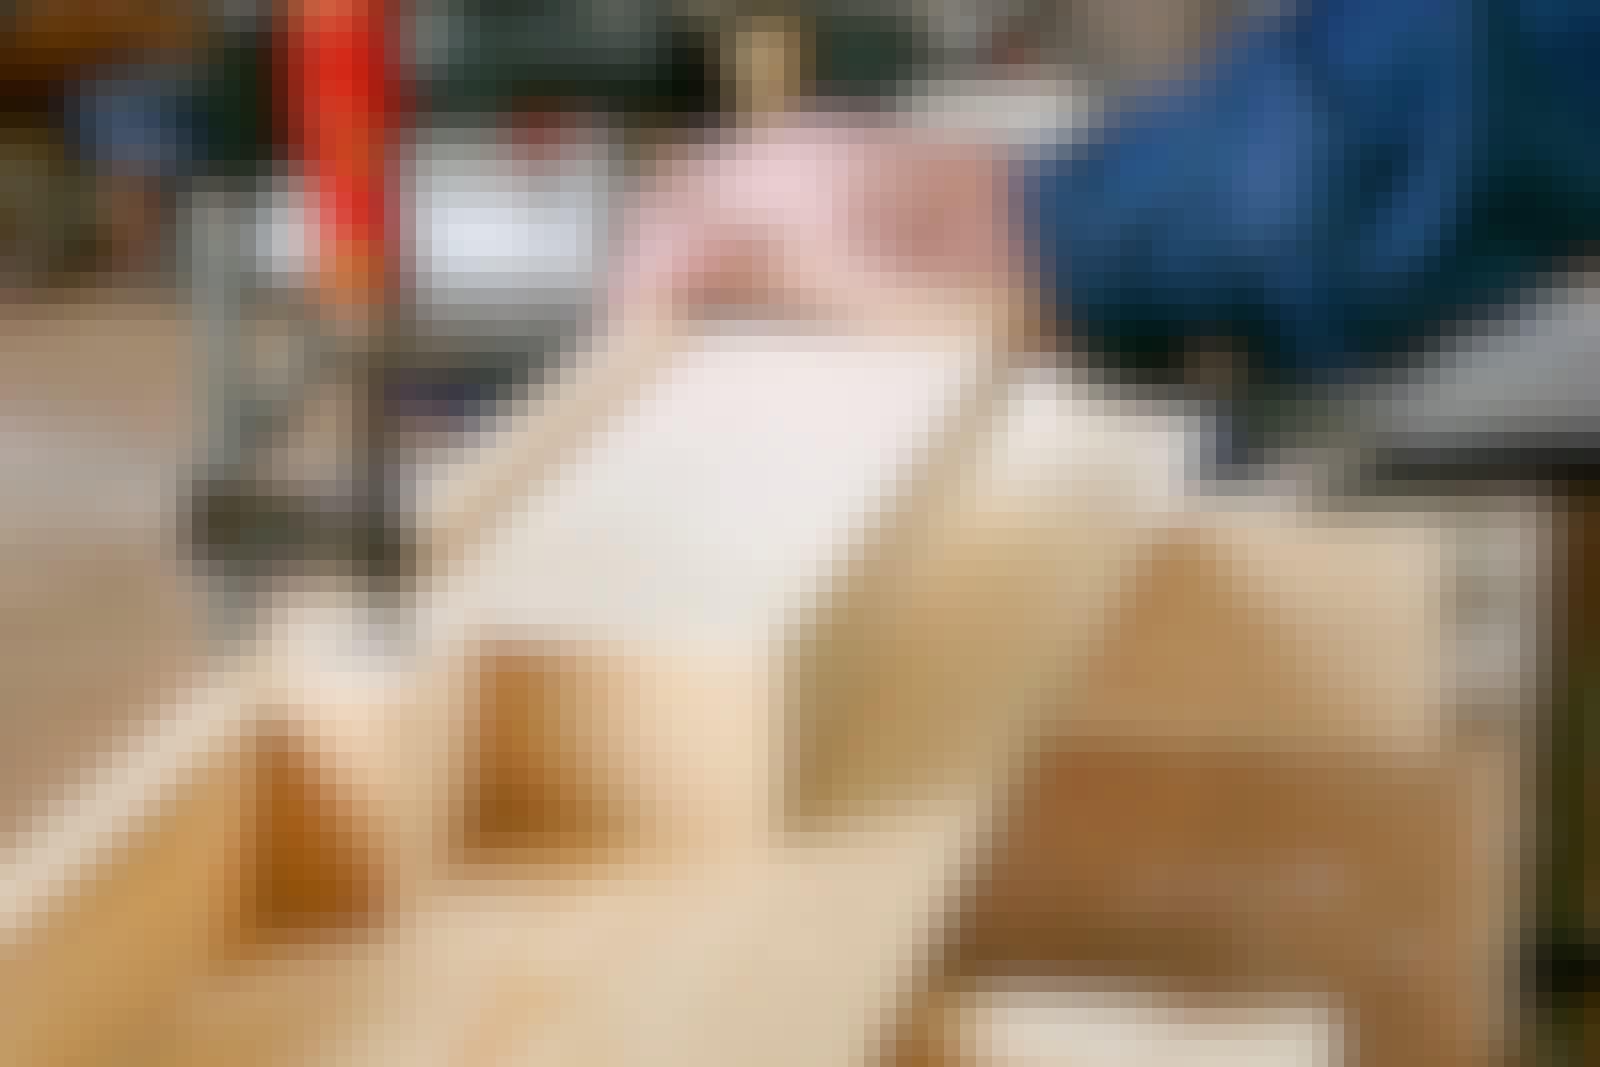 Kap og geringssav: Byg et langt arbejdsbord til din kap geringssav